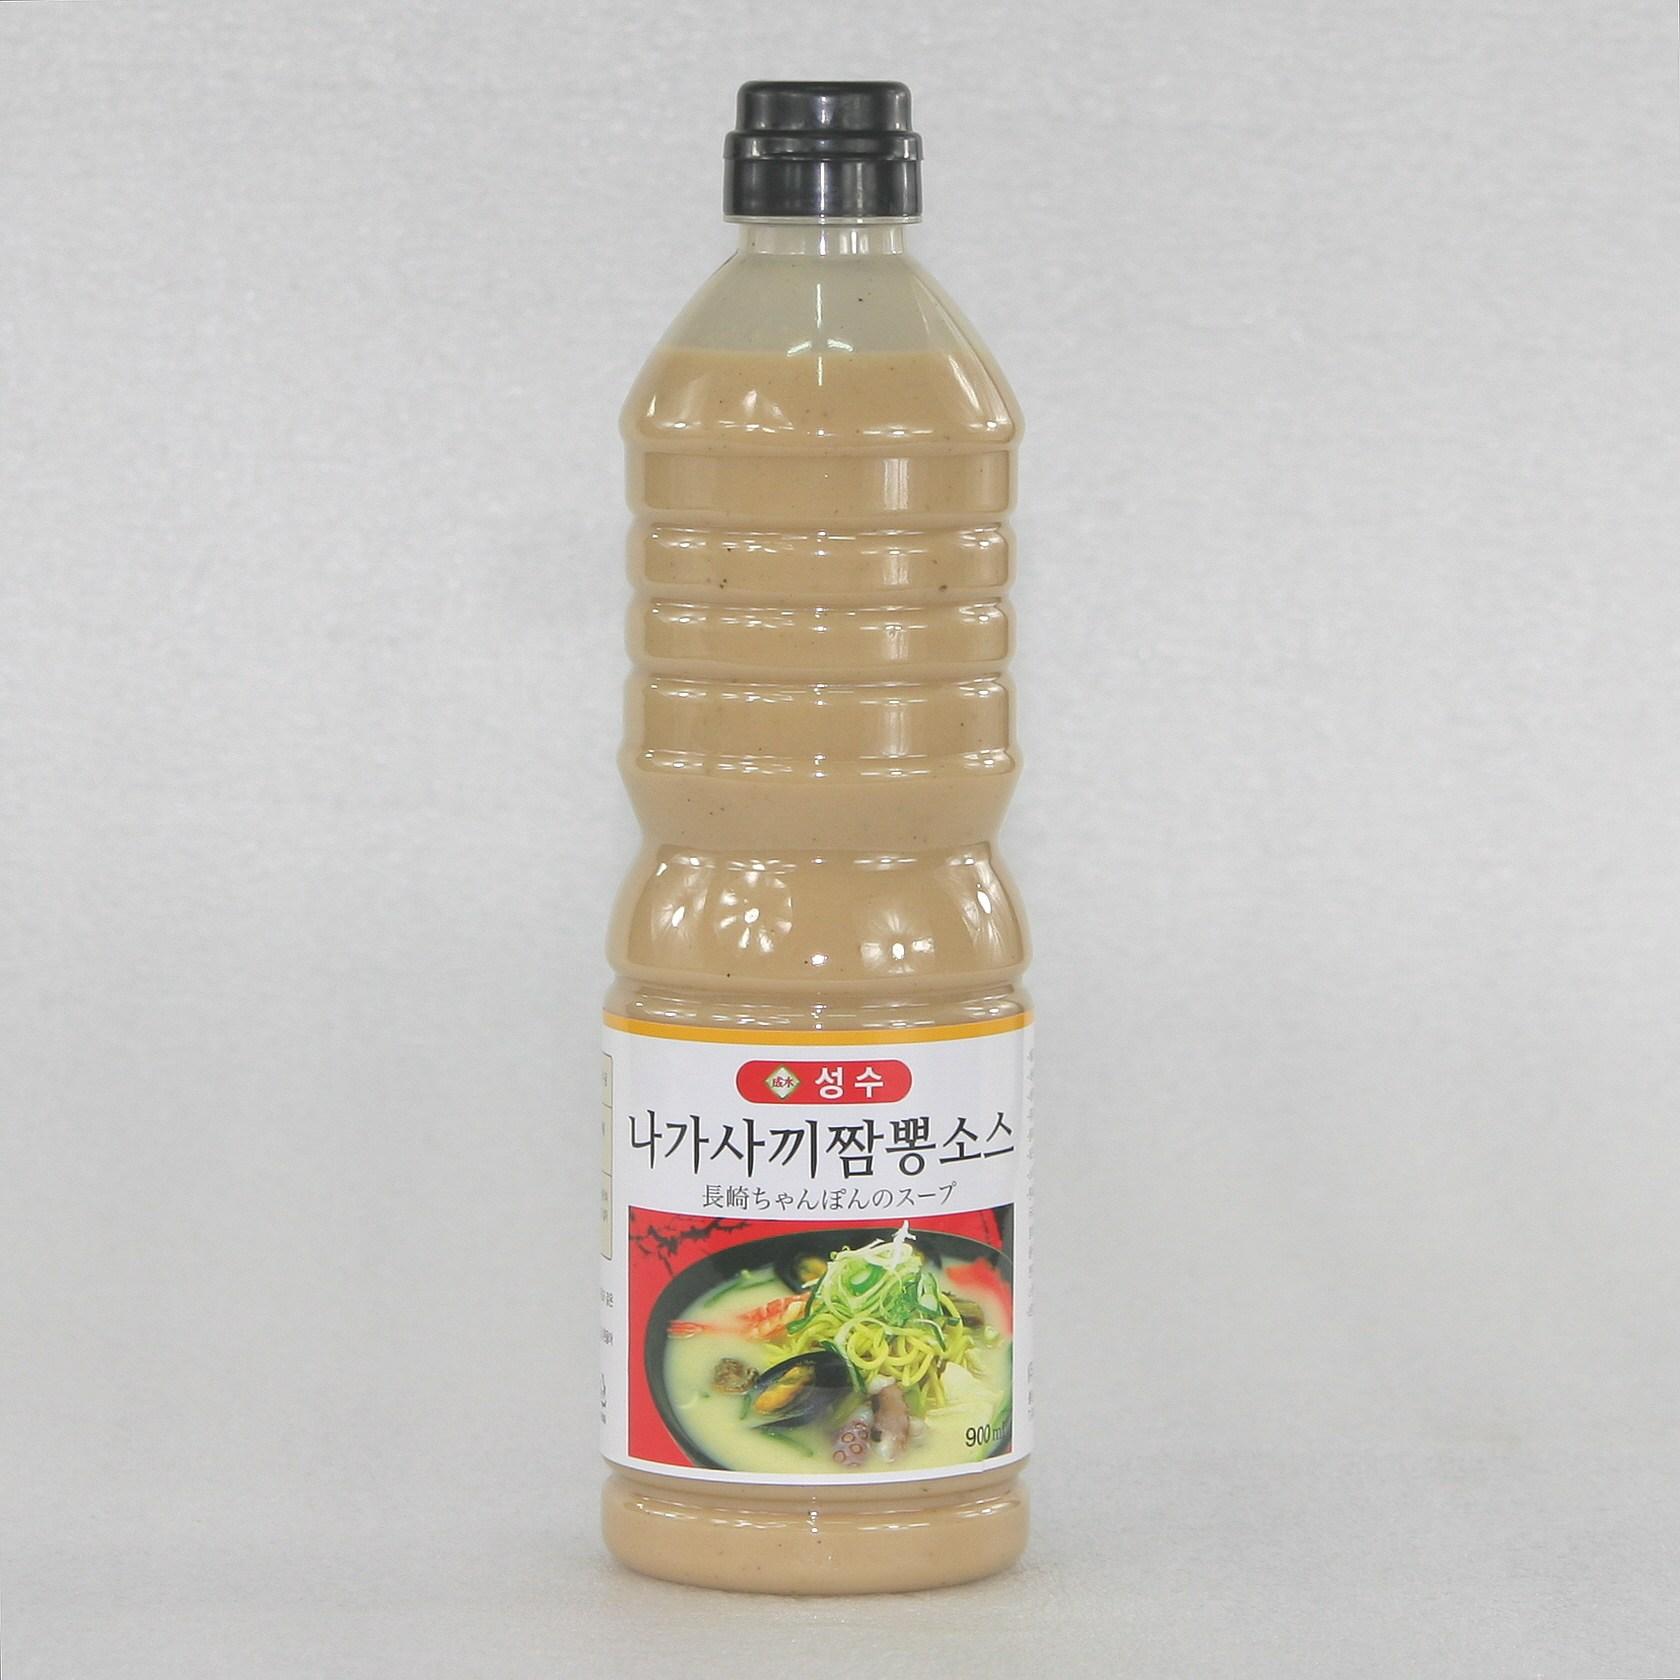 성수 나가사끼짬뽕 소스, 1개, 900ml